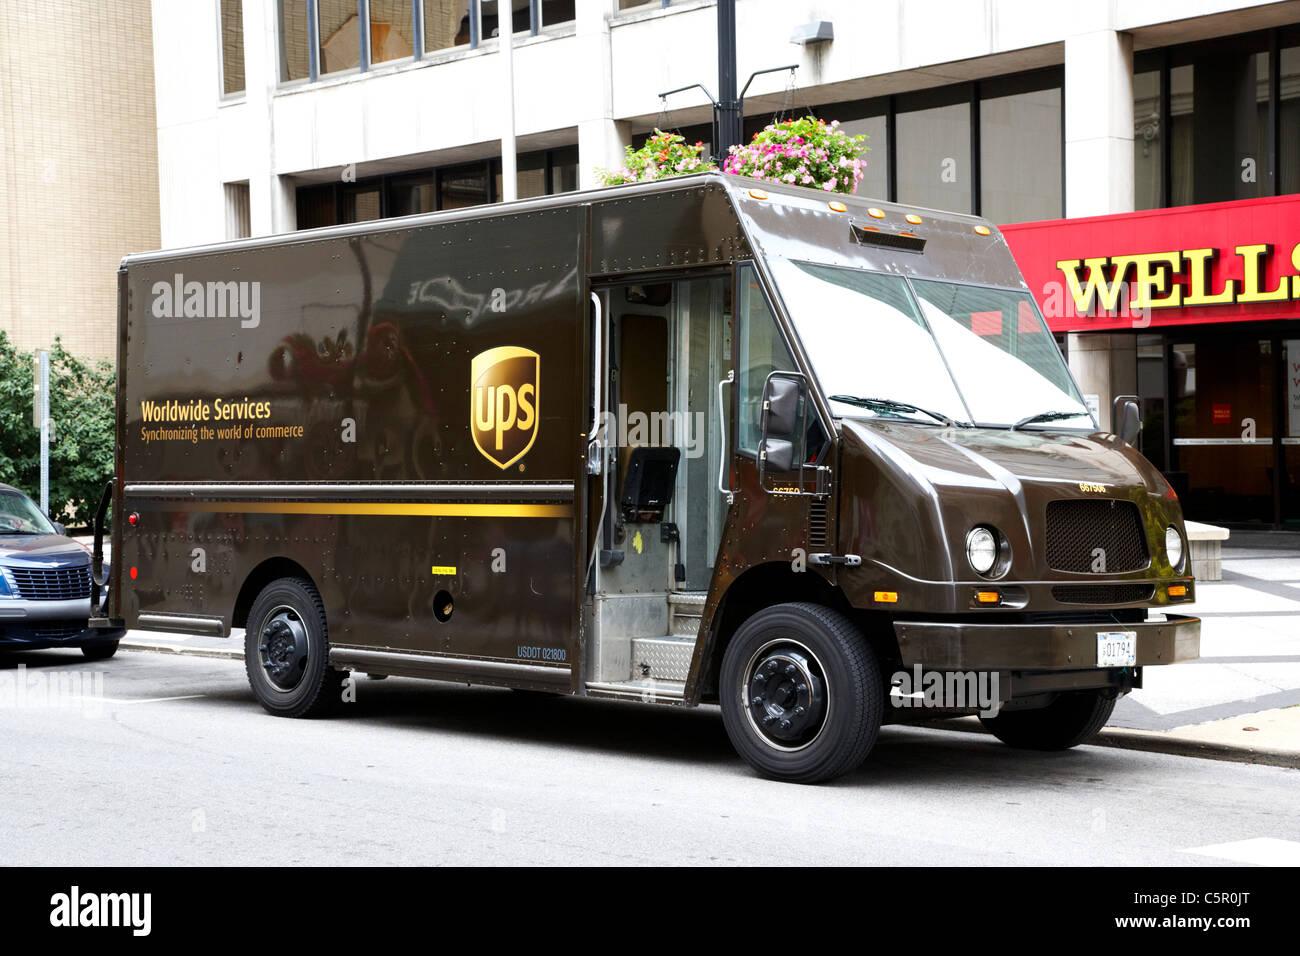 Consegna ups carrello Nashville Tennessee USA Immagini Stock